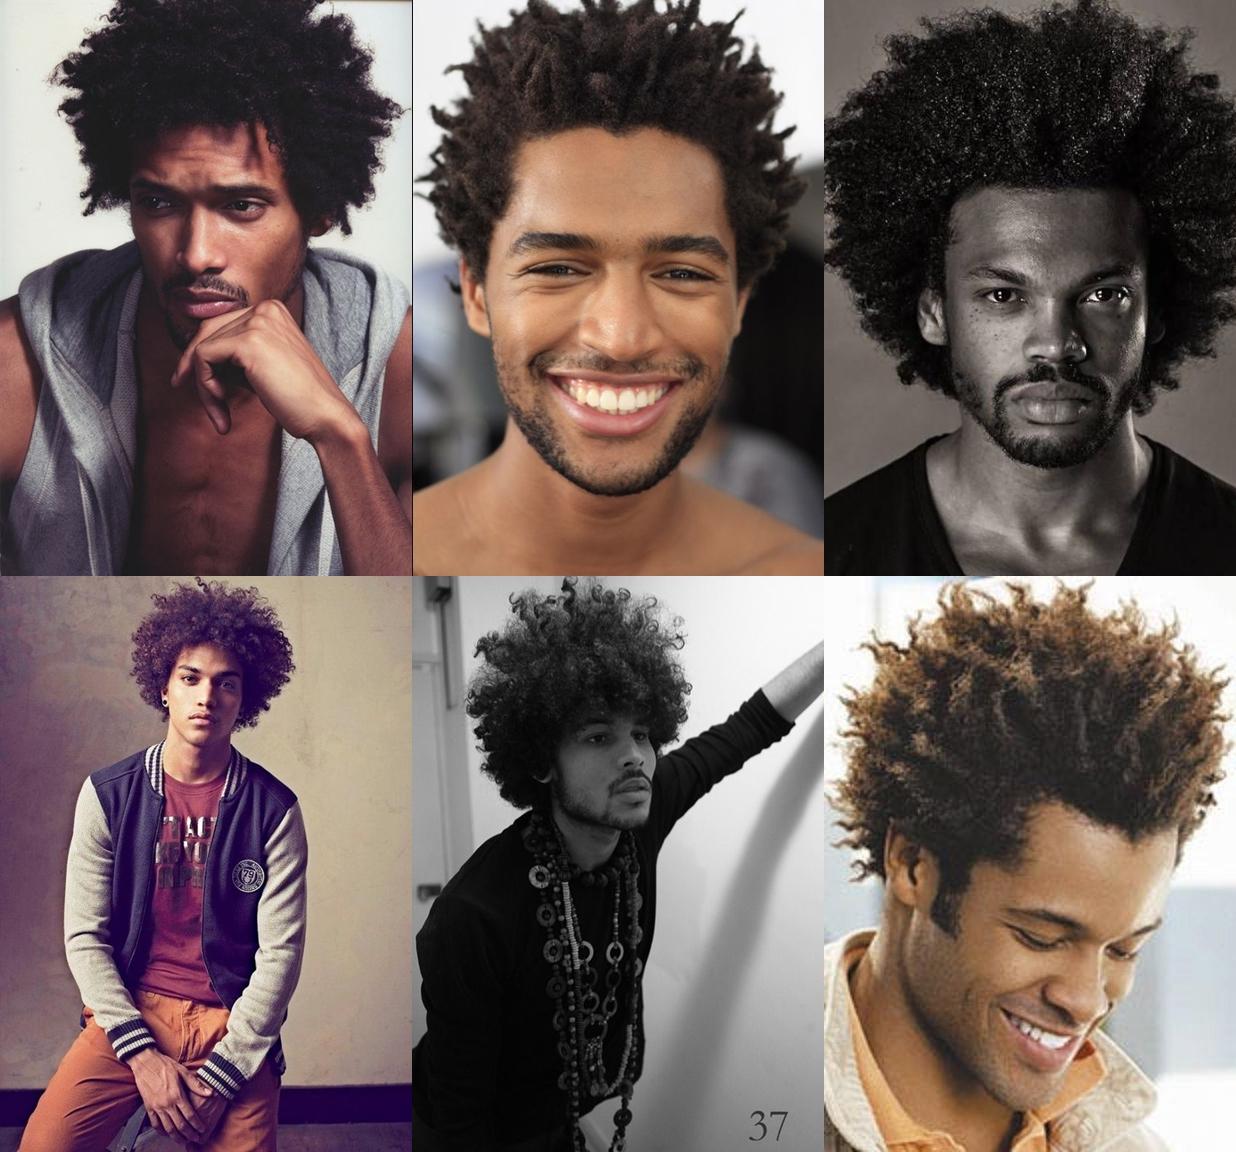 corte de cabelo afro, cortes afro, cabelo afro masculino 2016, haircut afro 2016, moda sem censura, alex cursino, corte masculino 2016, penteado masculino 2016, hairstyle, haircut, menswear, blogger, 3